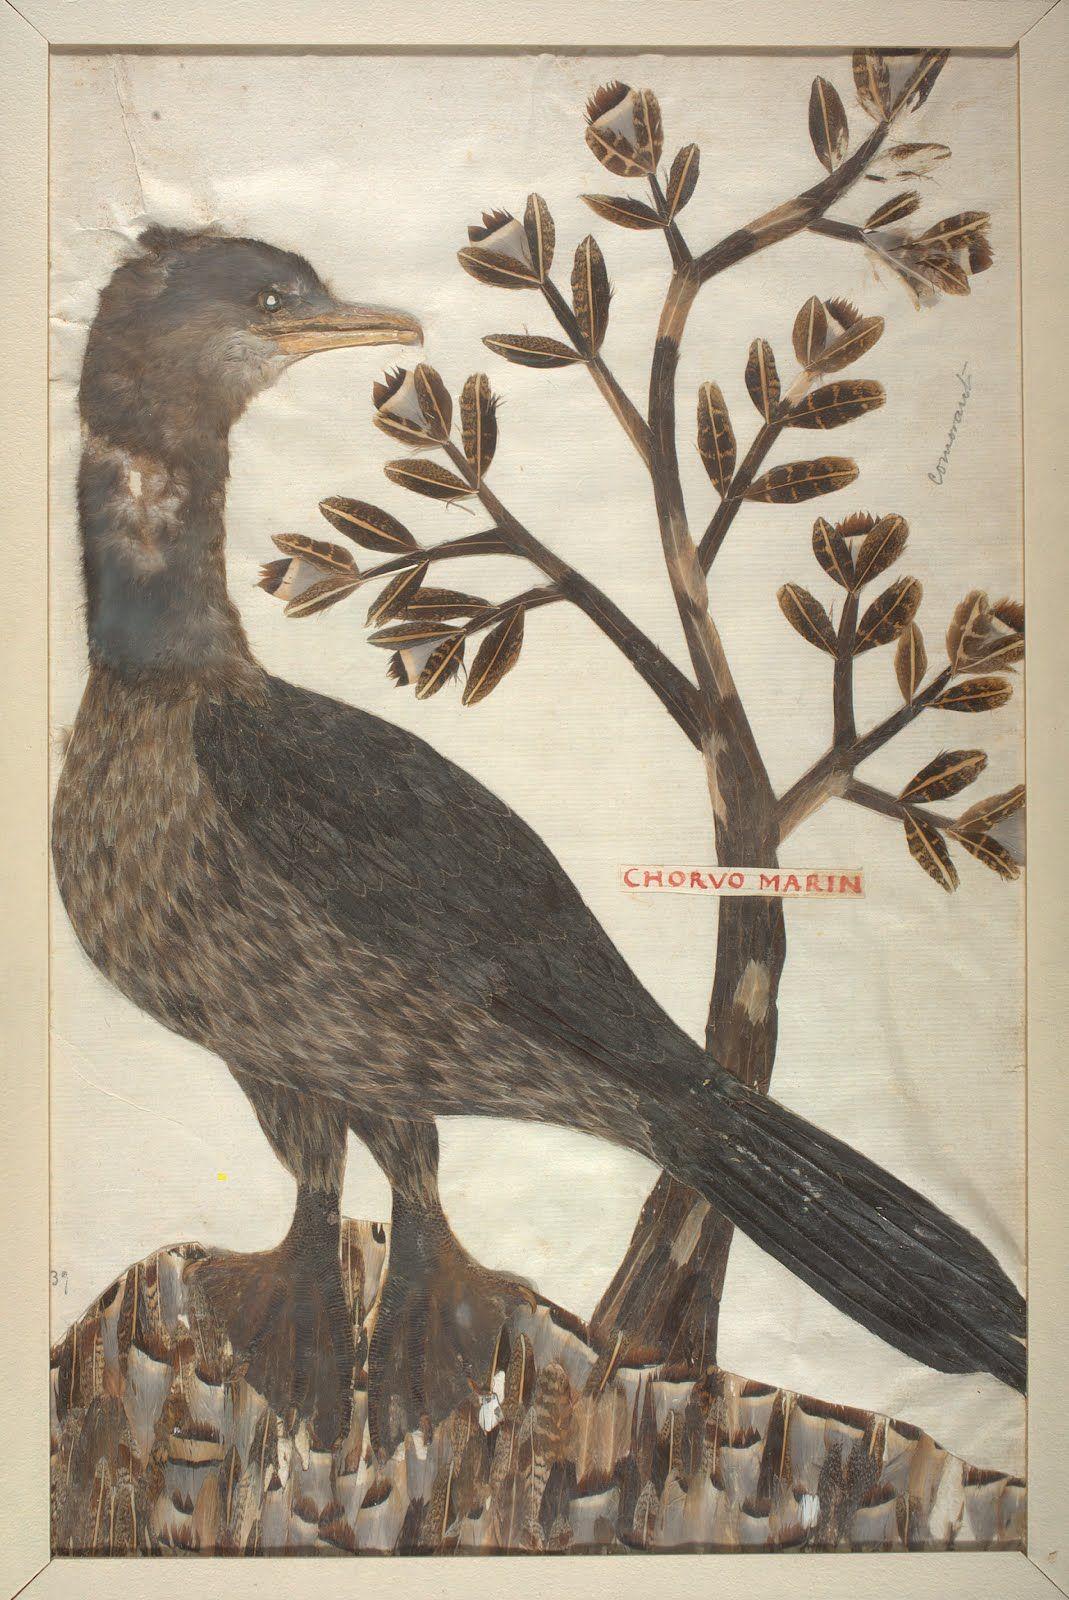 Weird Stuff We Found Online: The Feather Book of Dionisio Minaggio